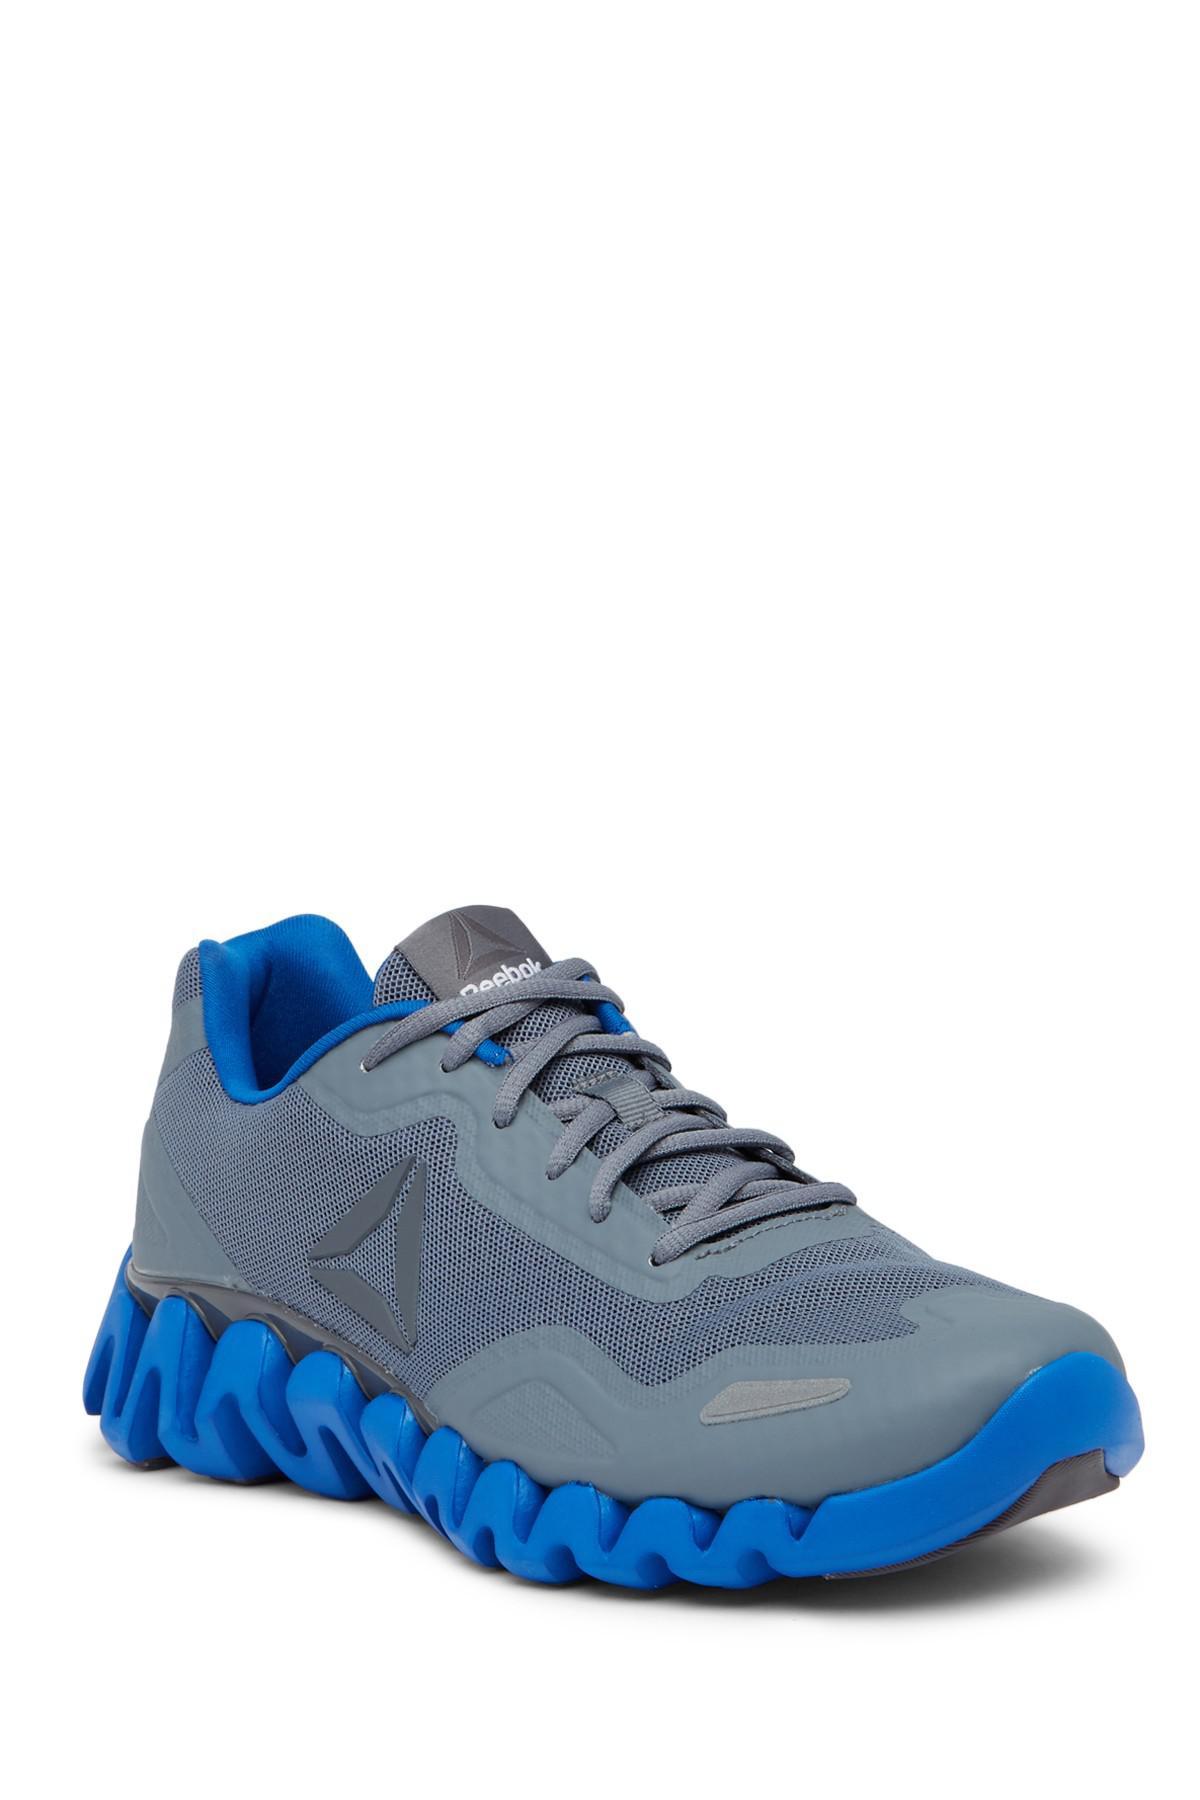 Lyst - Reebok Zig Pulse Sneaker in Blue for Men 396a25c3c